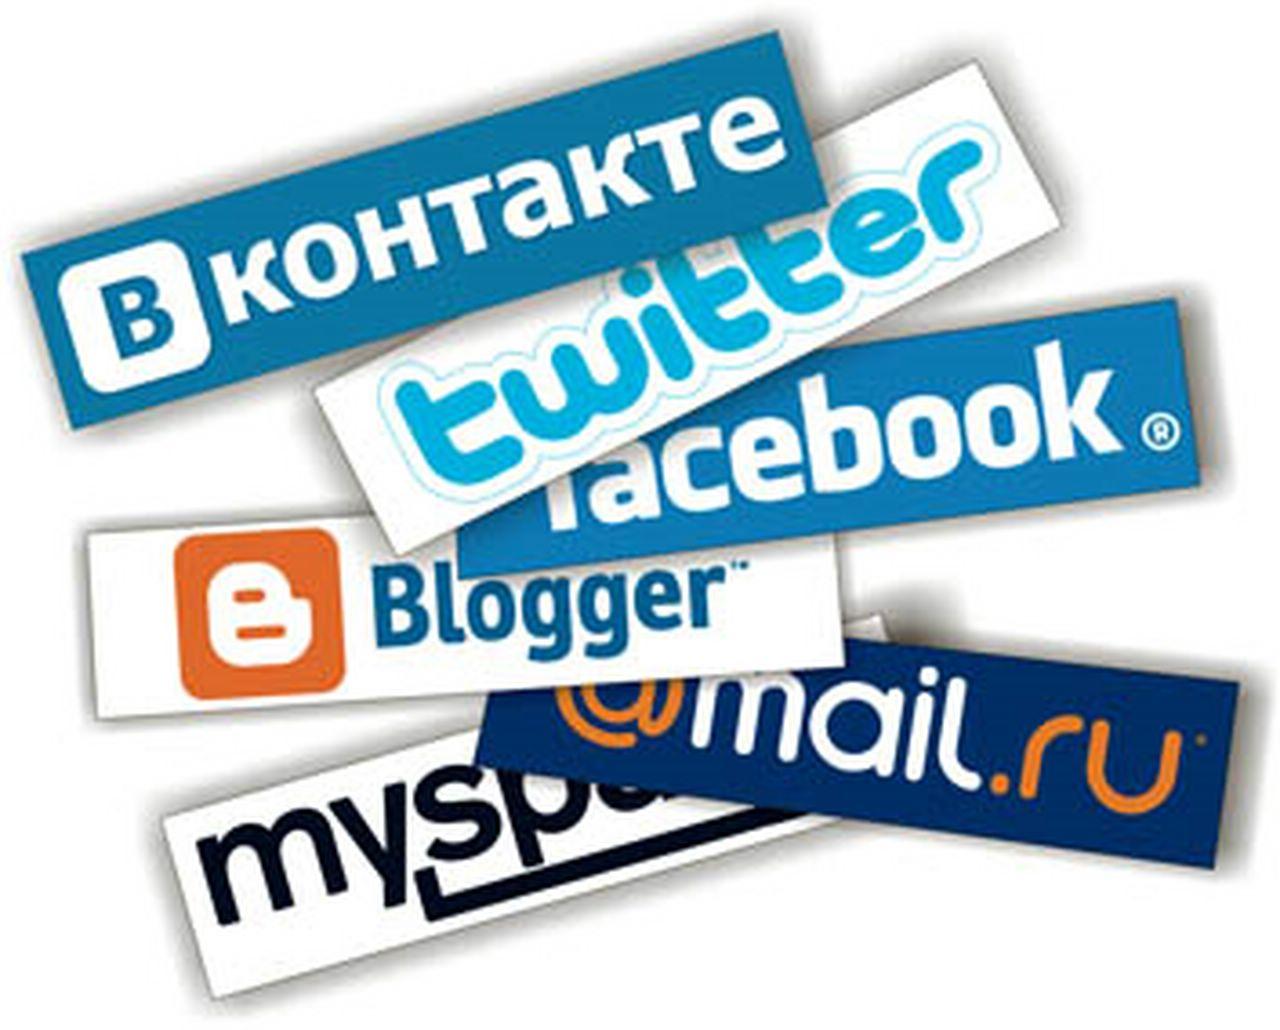 Социальная сеть Одноклассники: мая 2012